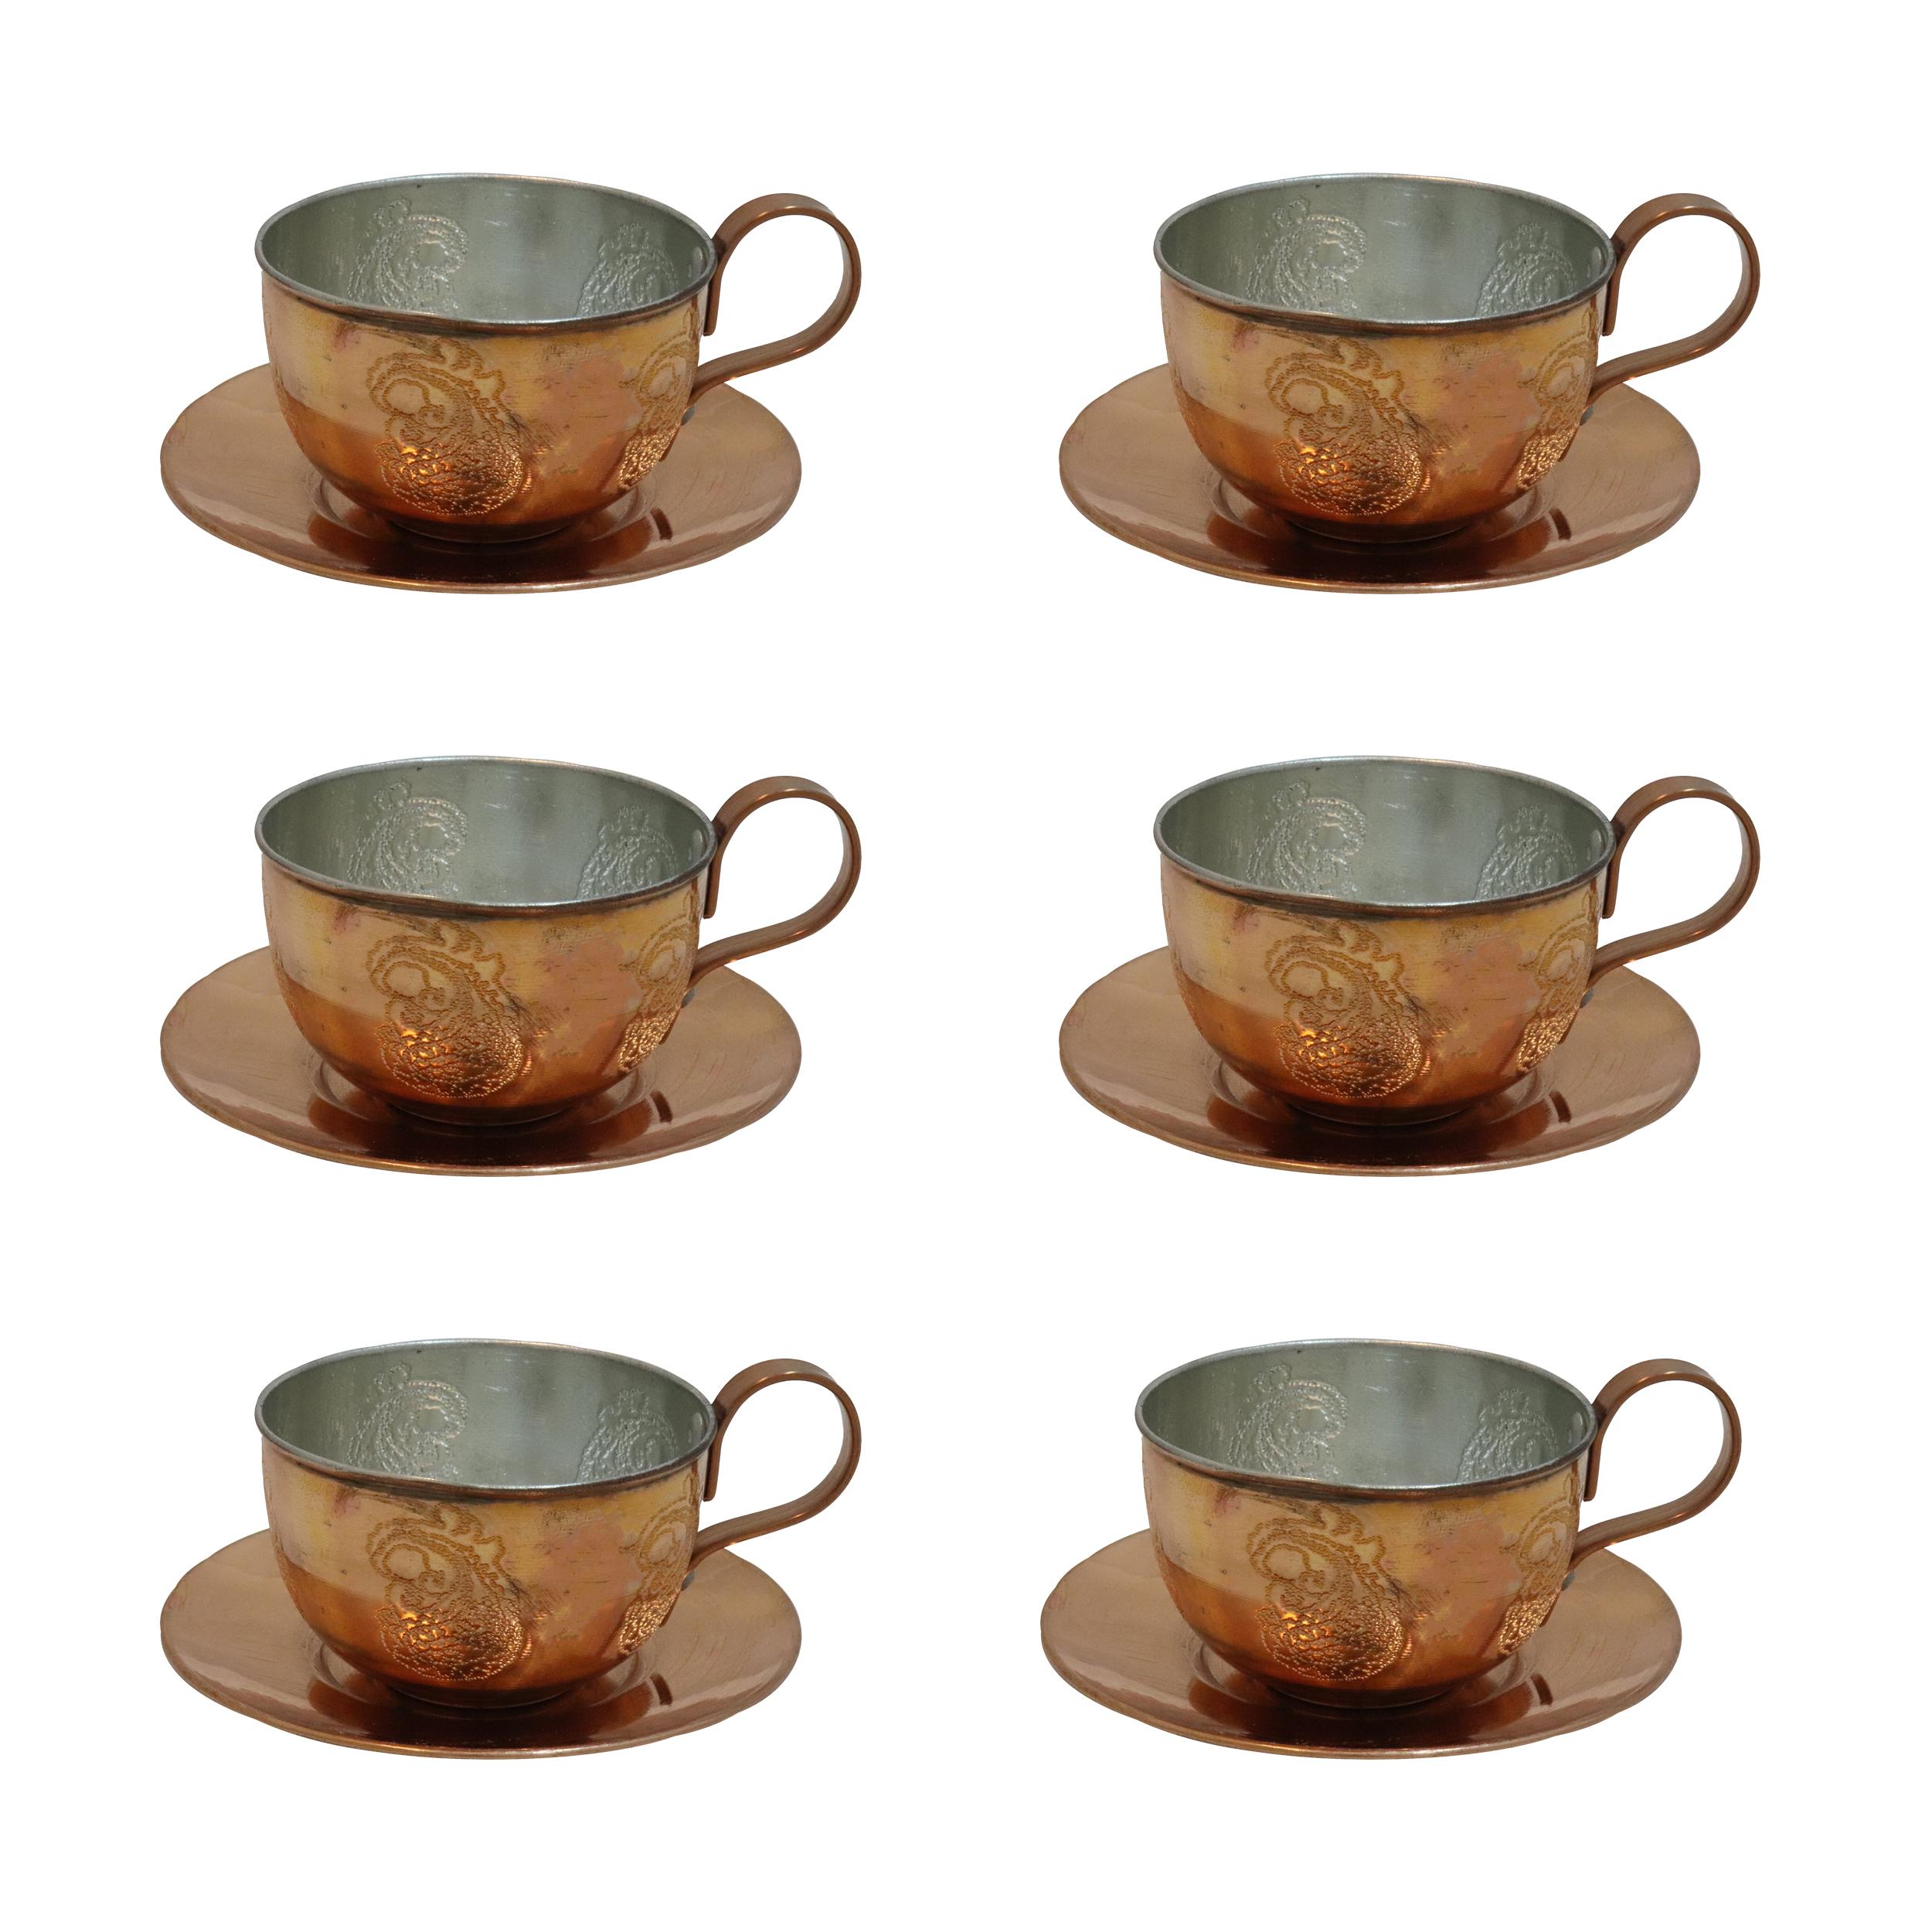 عکس ست چای خوری مسی مدل IRT کد 2 مجموعه 6 عددی